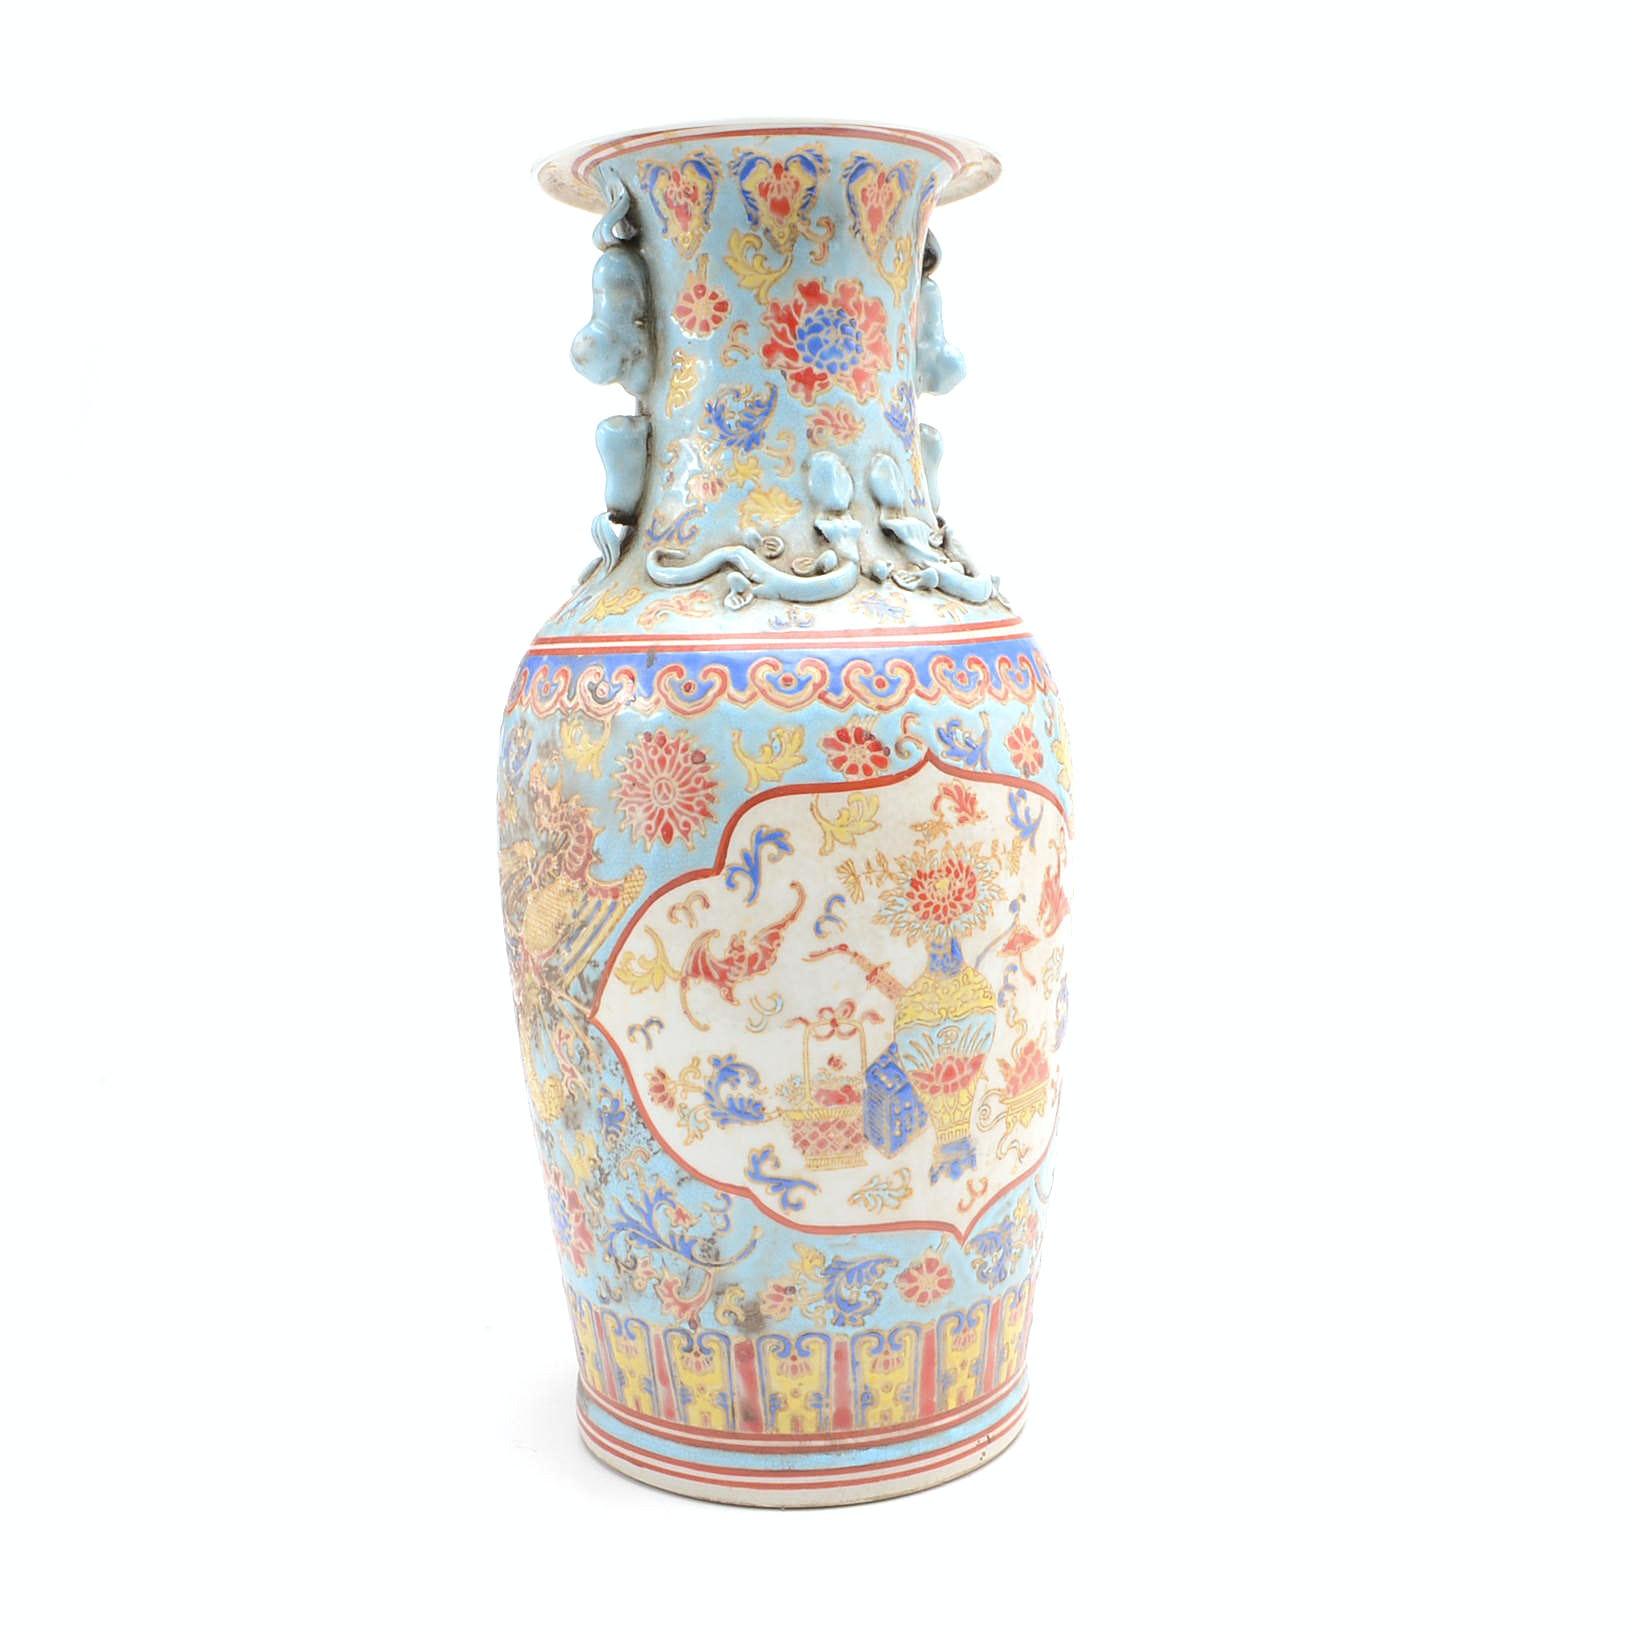 Vintage Chinese Porcelain Baluster Vase